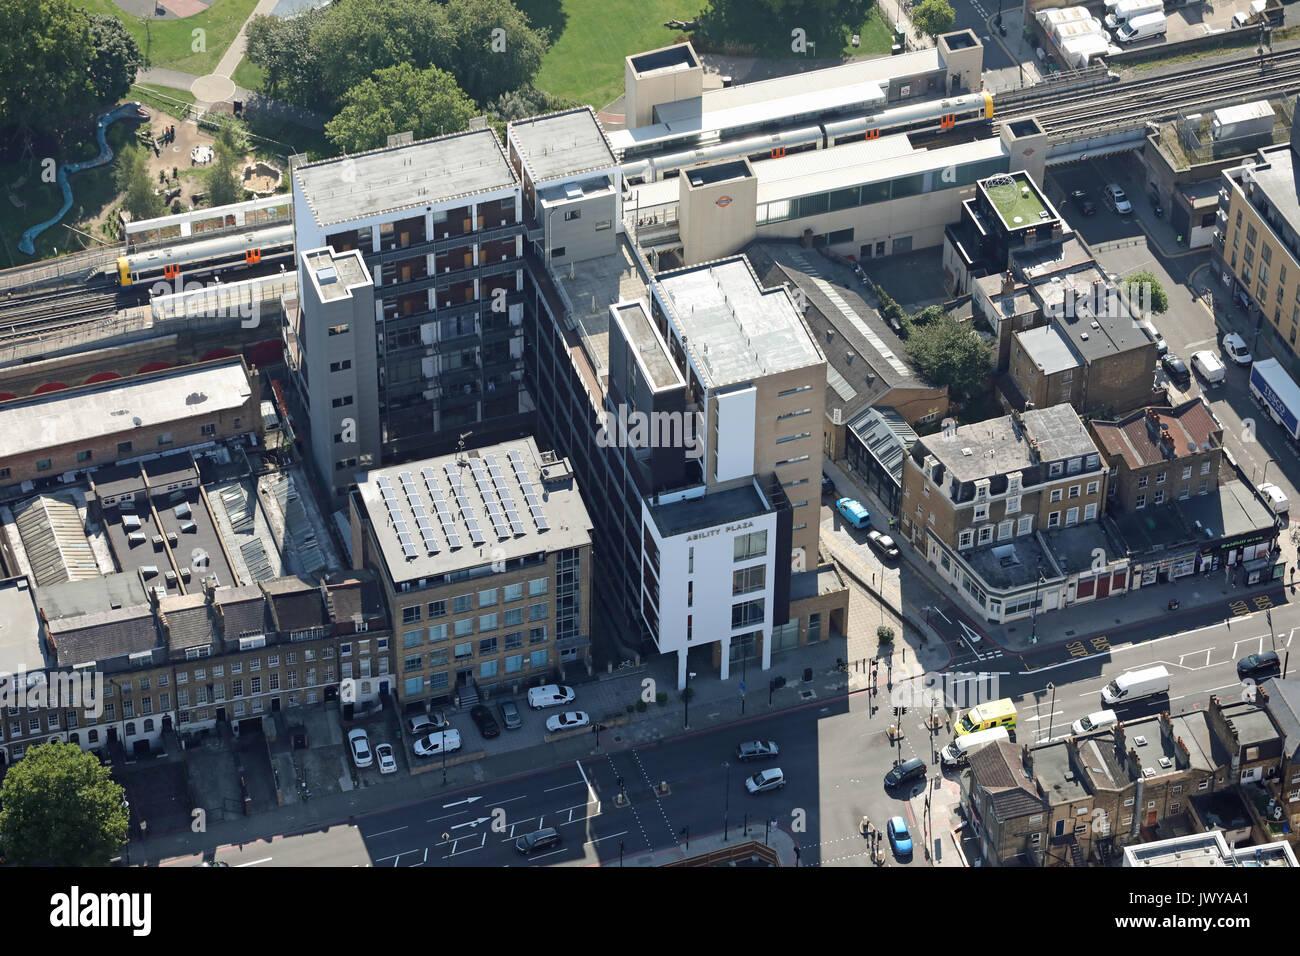 Vista aérea de capacidad Plaza & Haggerston Station, London E8, REINO UNIDO Imagen De Stock